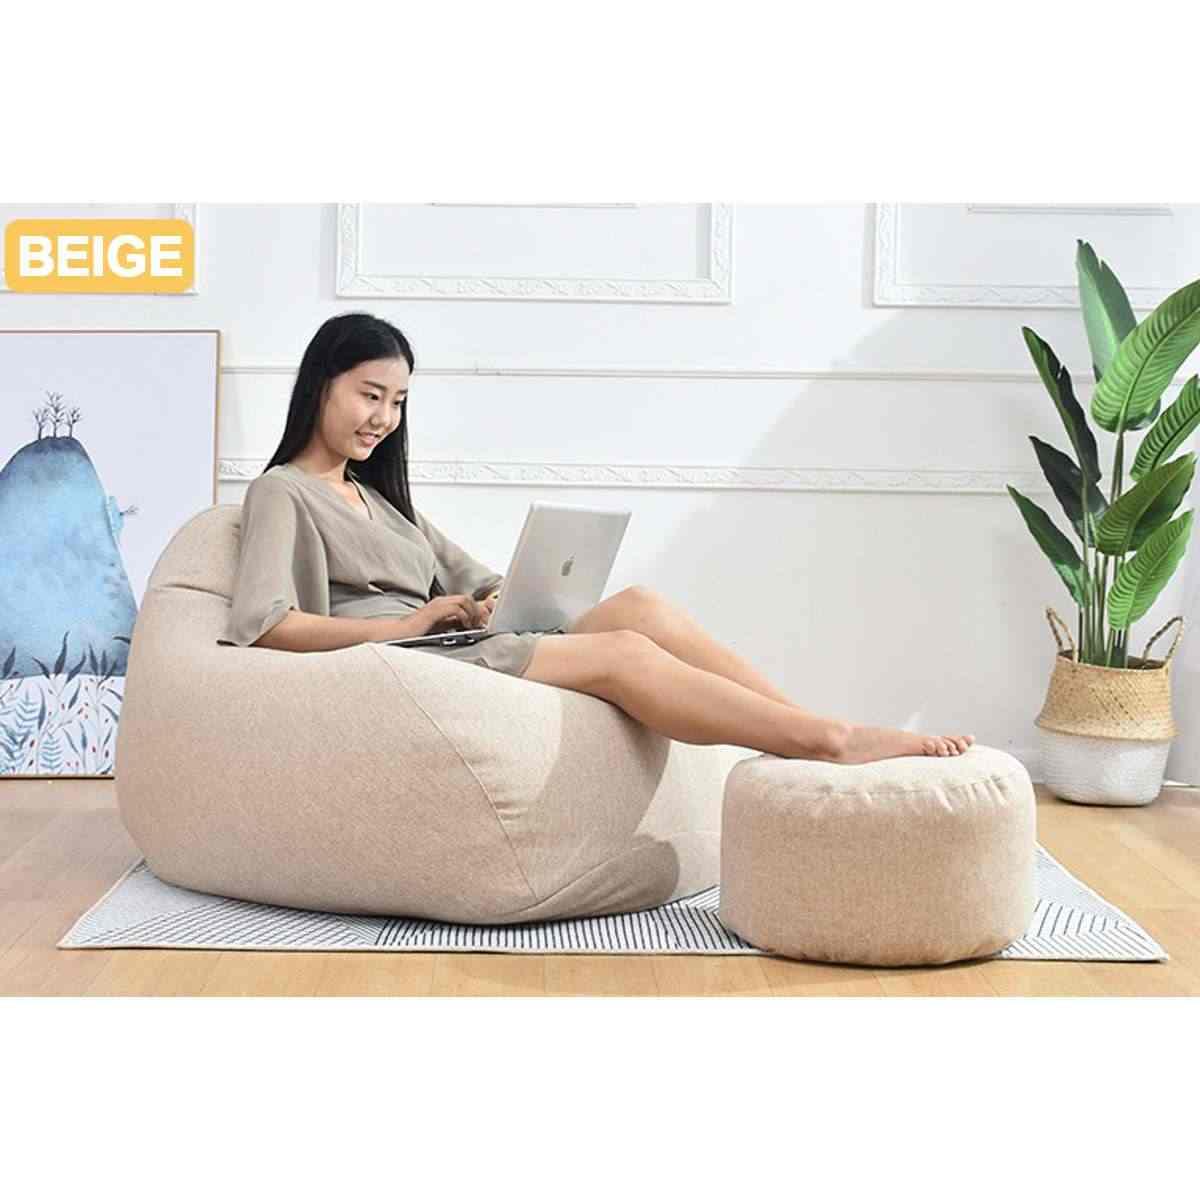 Pequeno Rodada BeanBag Preguiçoso Sofás Cobrir Armazenamento De Brinquedo Bicho de pelúcia do Saco de Feijão Sem Enchimento À Prova D' Água Cor Sólida Tampa Da Cadeira